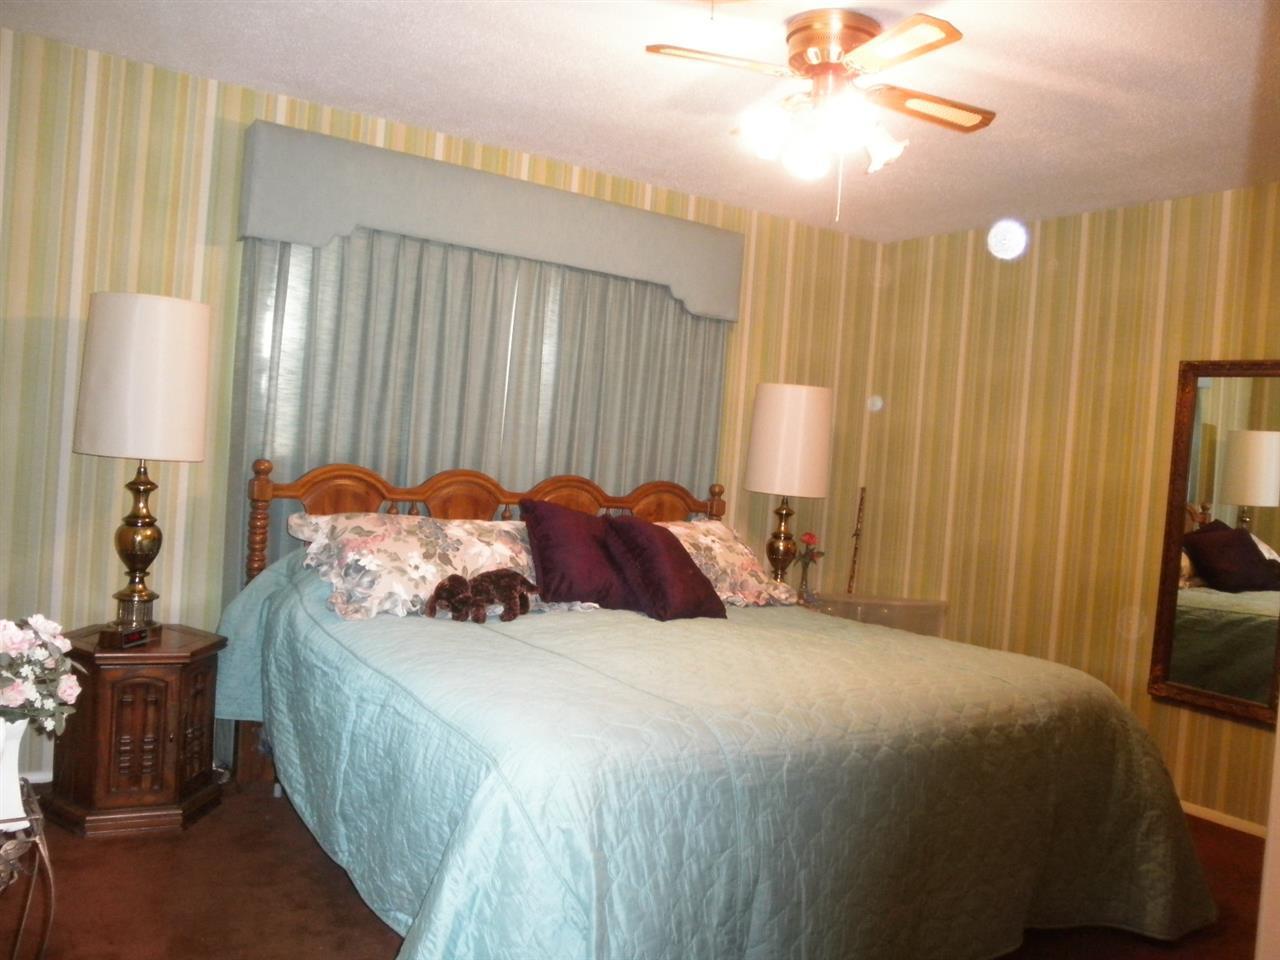 Sold Cross Sale W/ MLS | 1209 El Camino Ponca City, OK 74604 14